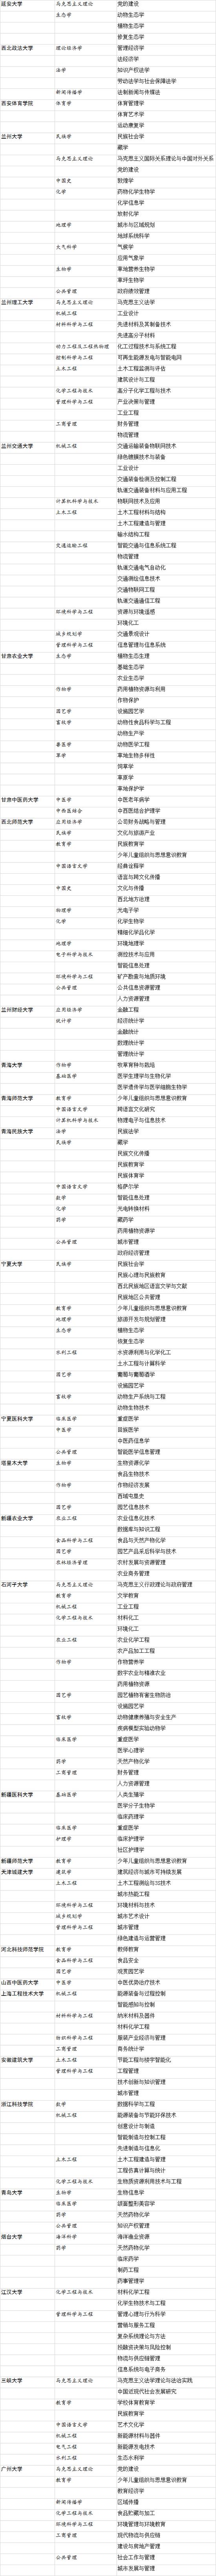 教育部公布高校自设二级学科和交叉学科名单